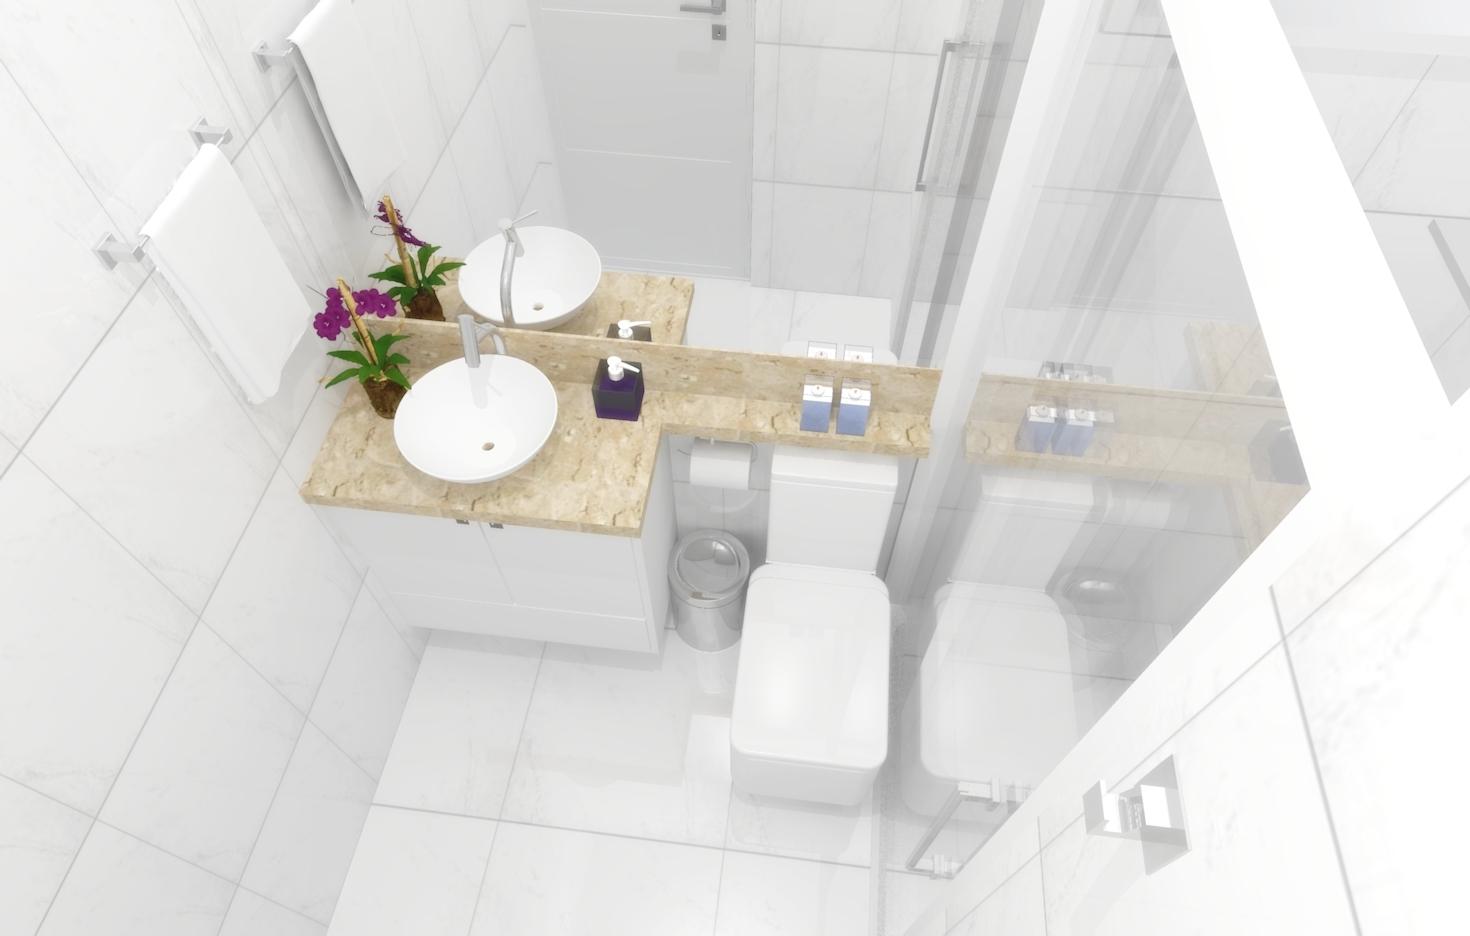 Banheiros Pequenos planejados: Sugestões modelos #41621F 1470x936 Banheiro De Apartamento Pequeno Planejado